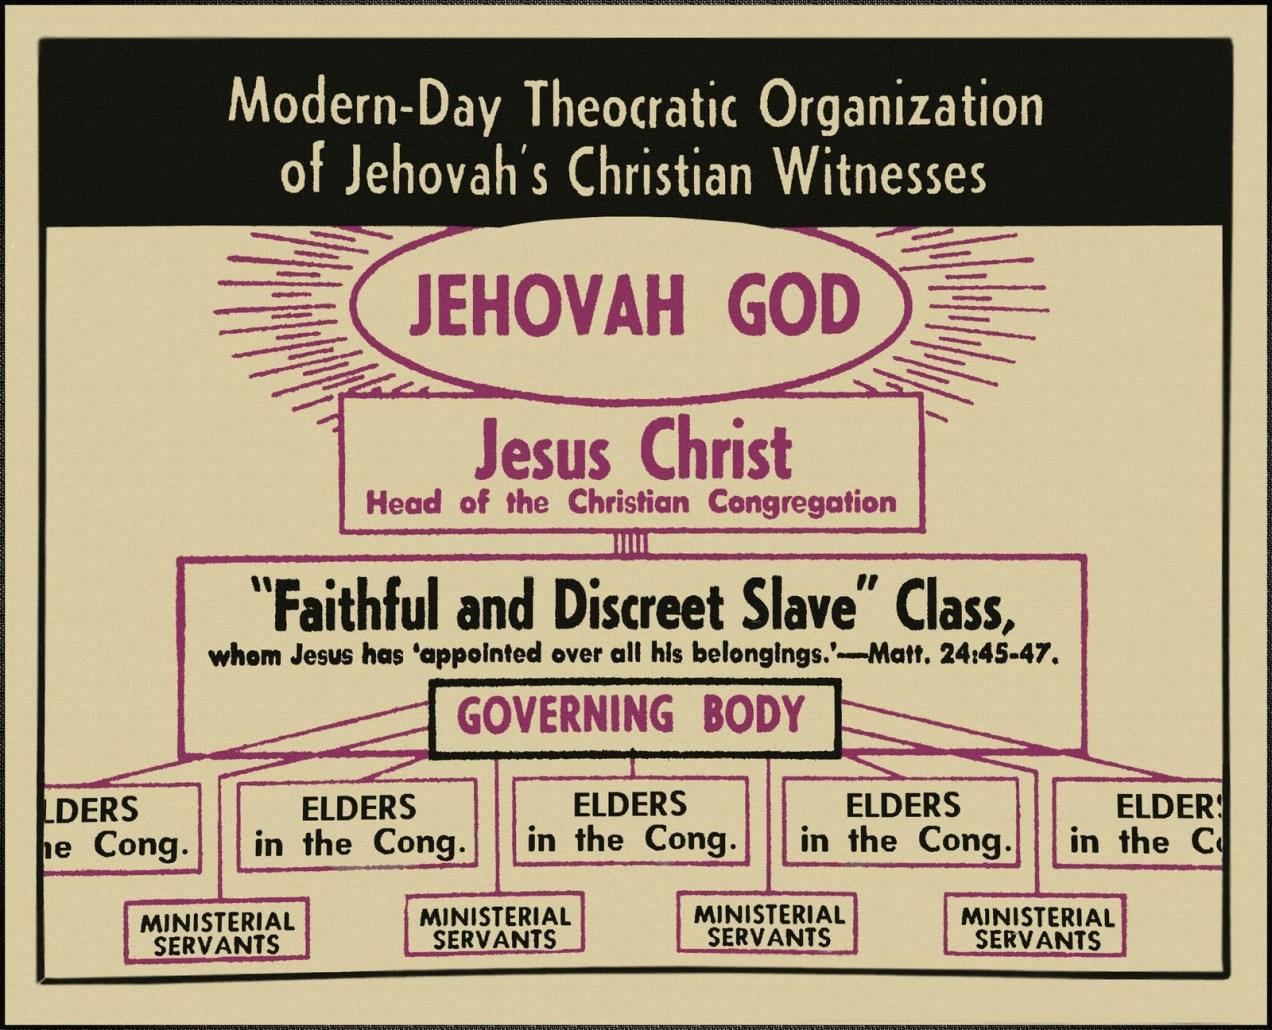 Watchtower 1971 Organization Chart